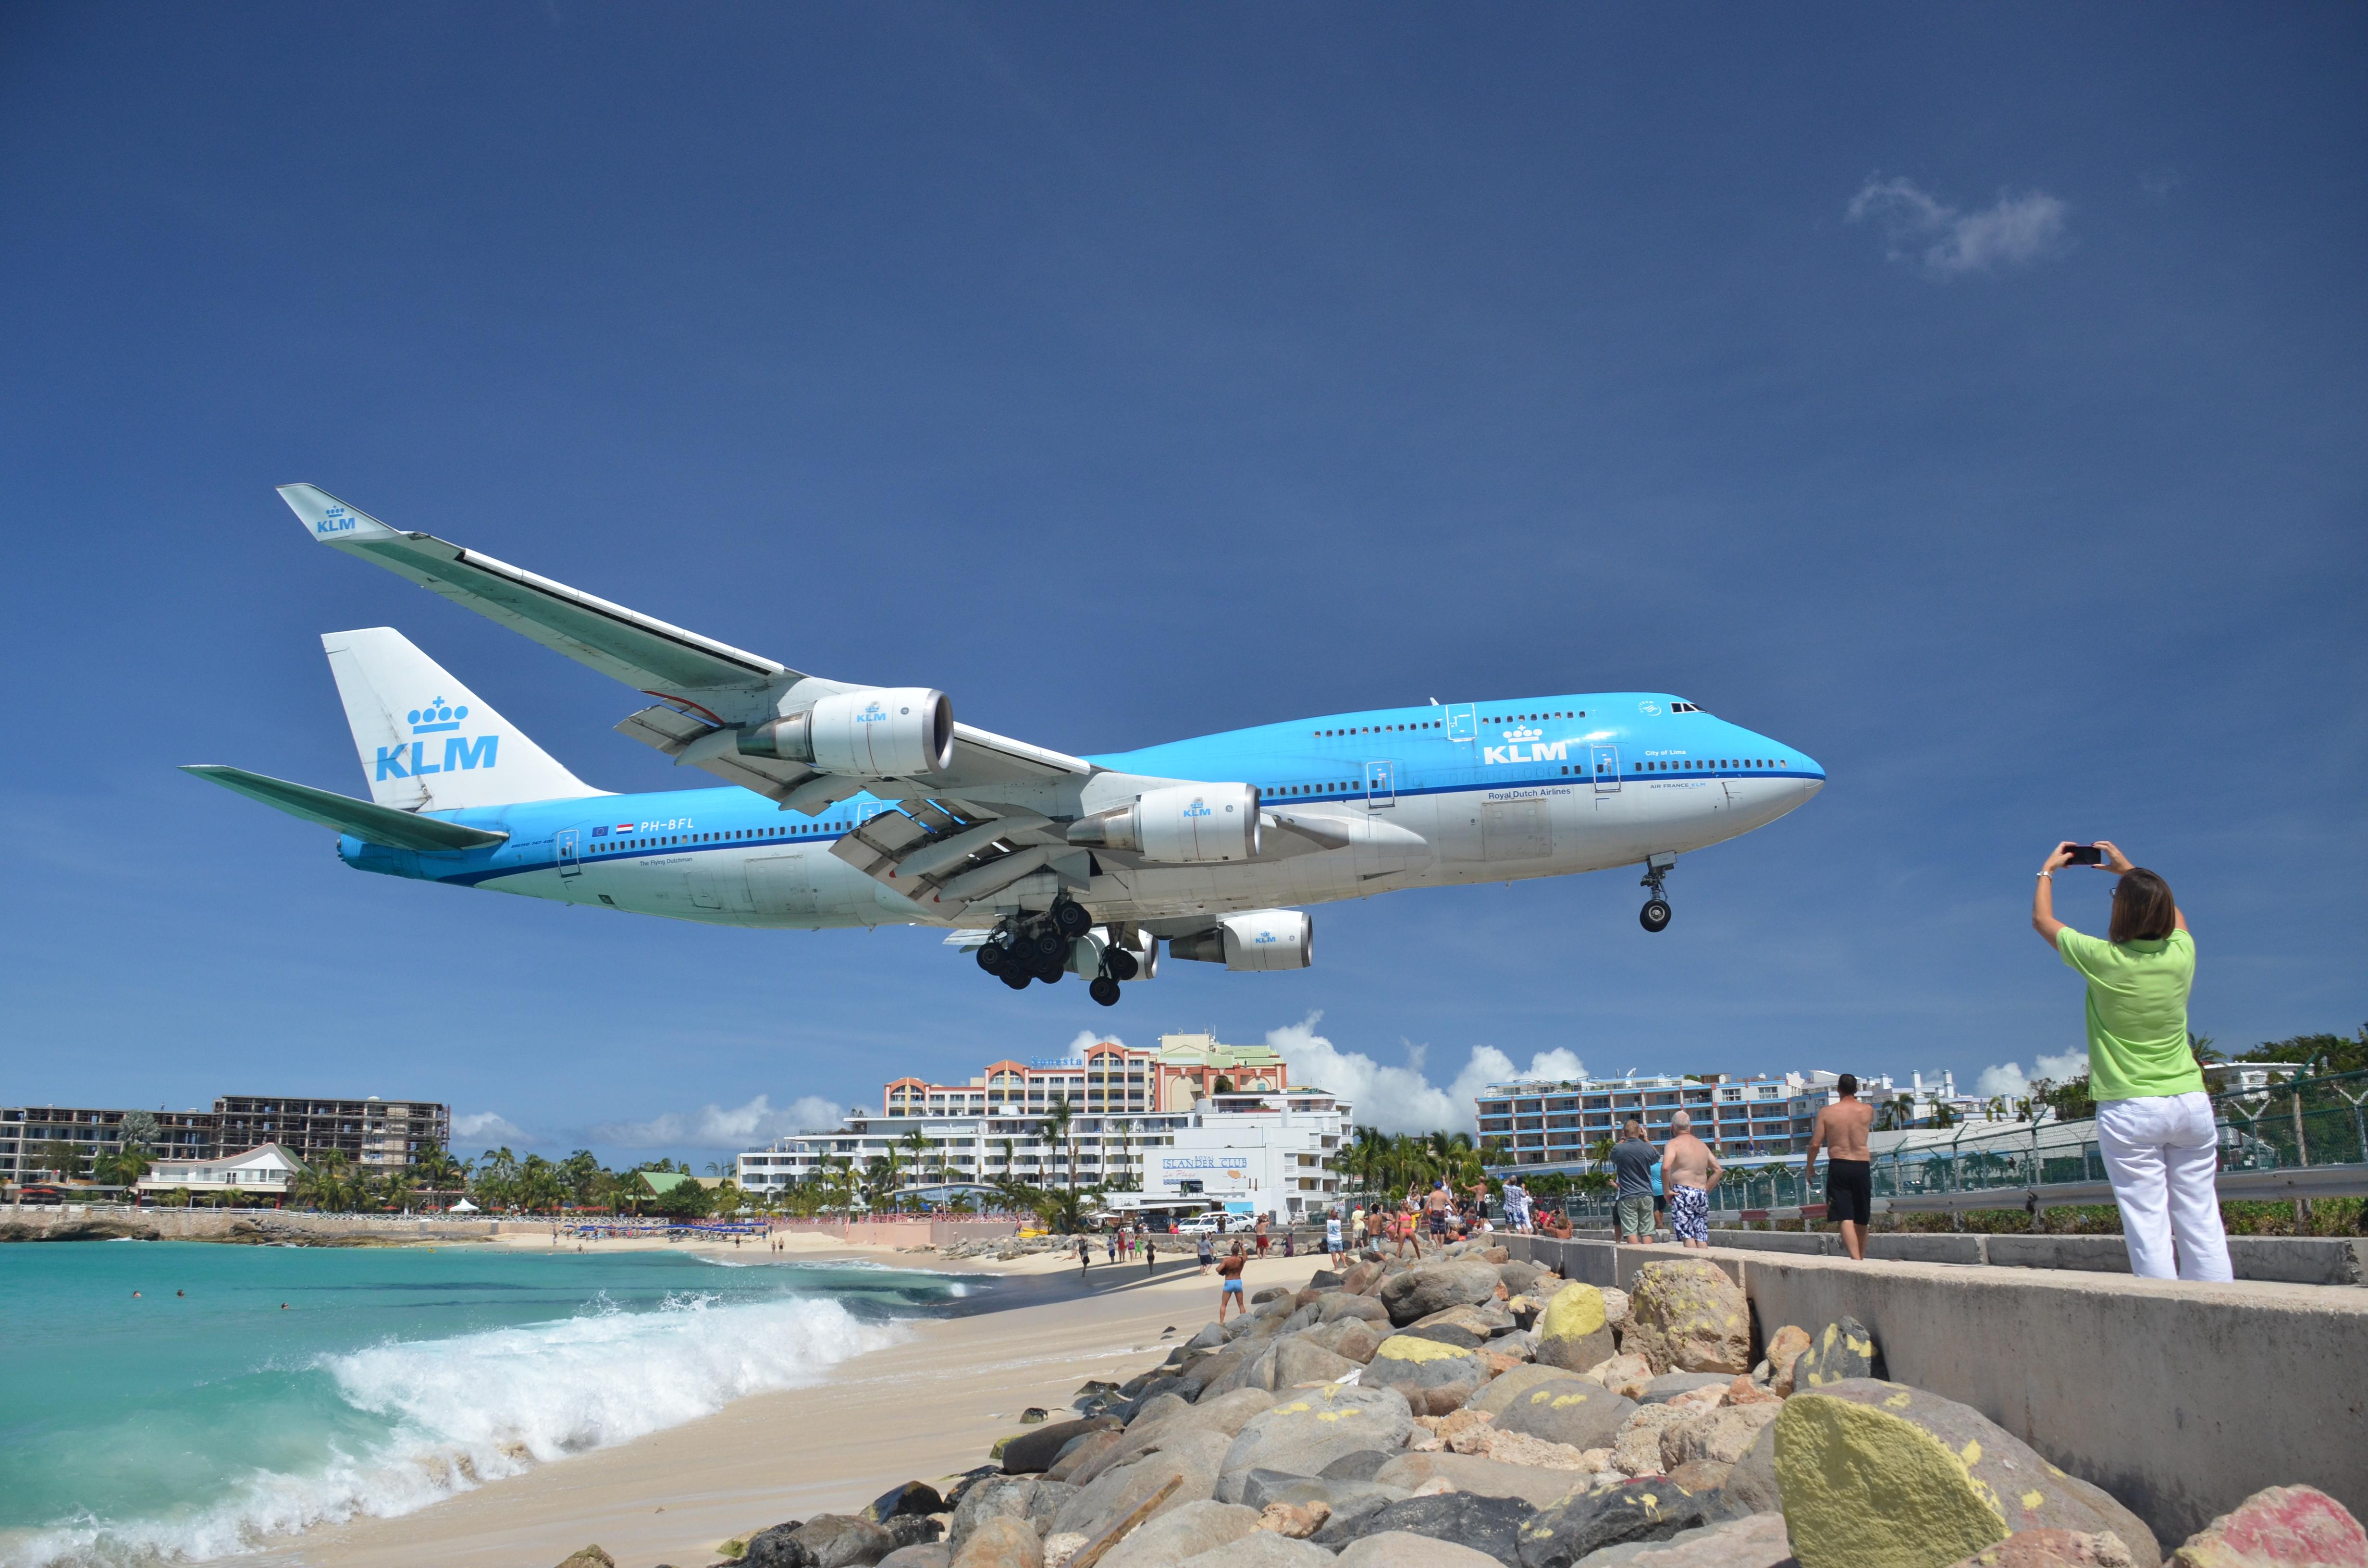 Boeing 747-400 fra KLM har tidligere år fløjet til St. Maarten, der er kendt for den spektakulære indflyvning over en strand. Foto: alljengi, CC 2.0